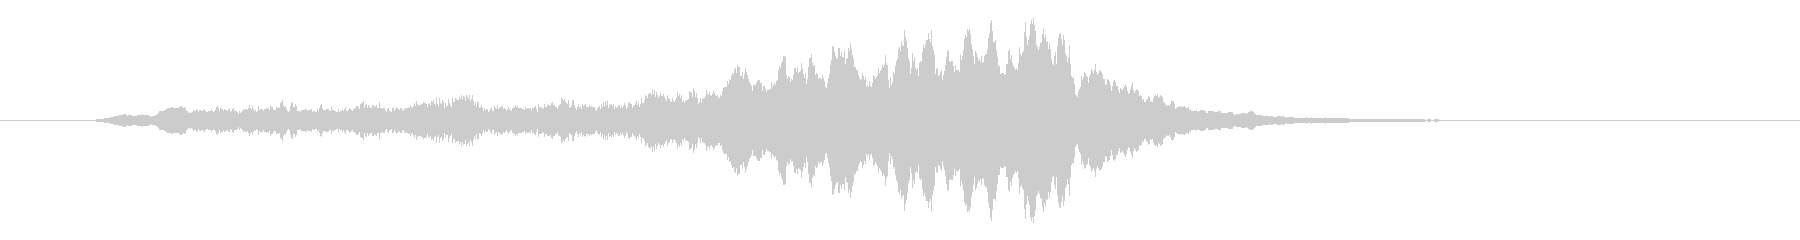 ストリングによる深みのあるサウンドロゴの未再生の波形